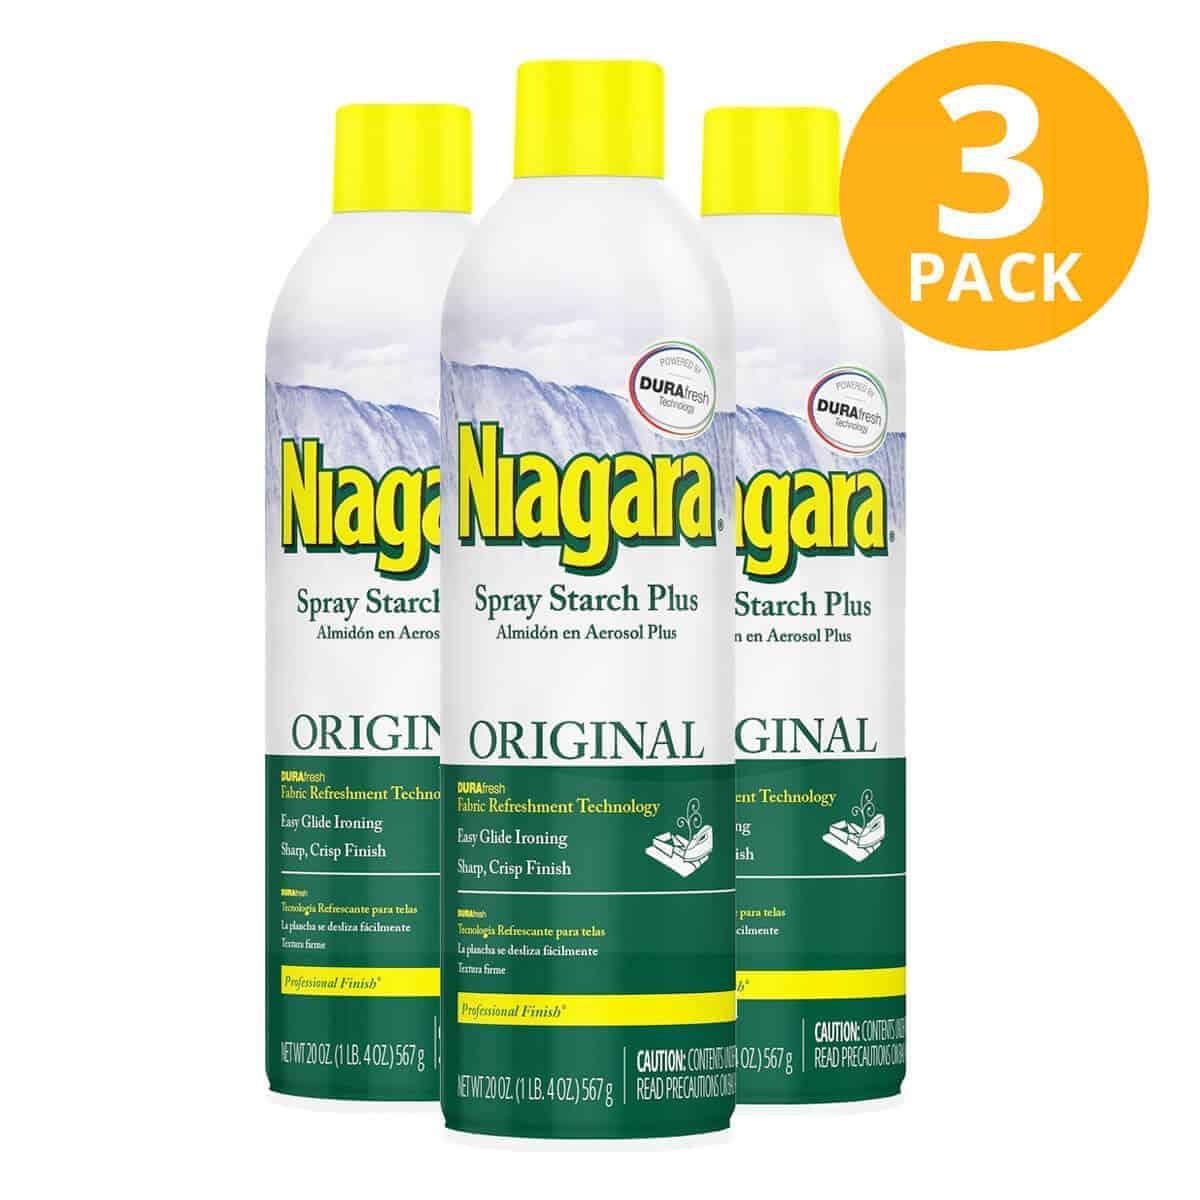 Niagara Spray Starch Plus Original, Almidón en Aerosol, 20 OZ (Pack de 3)